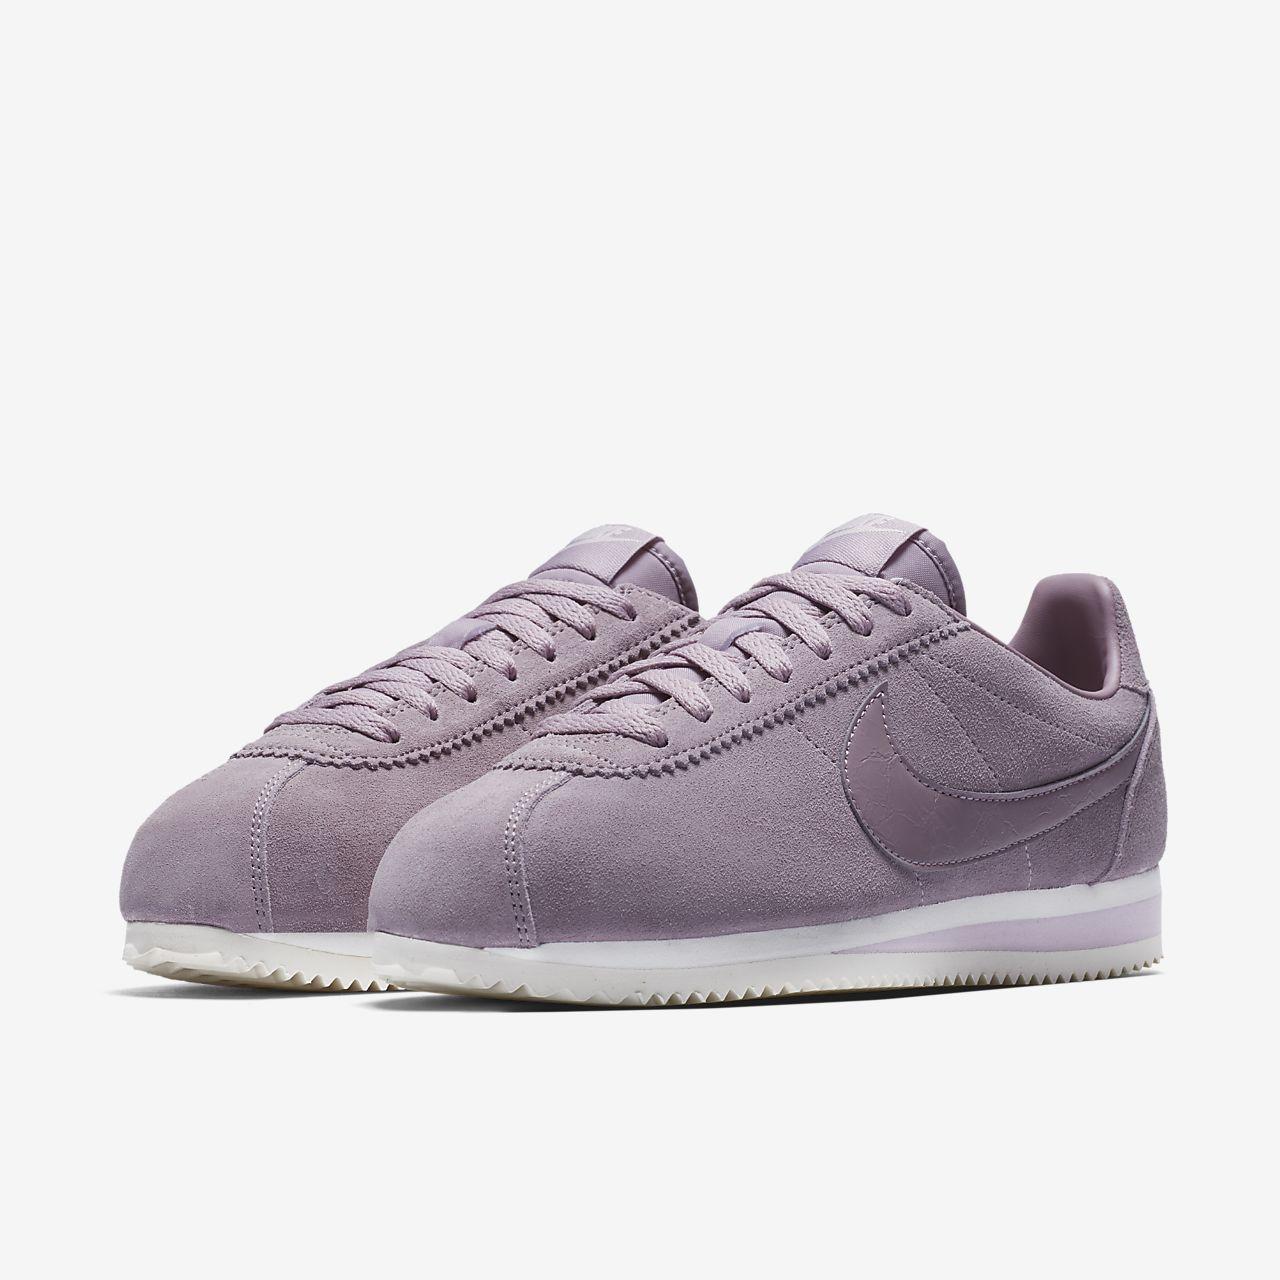 Nike Classic Cortez Suede Damenschuh Mode Schuhe-AR3114DS Schuhe-AR3114DS Schuhe-AR3114DS   6512df